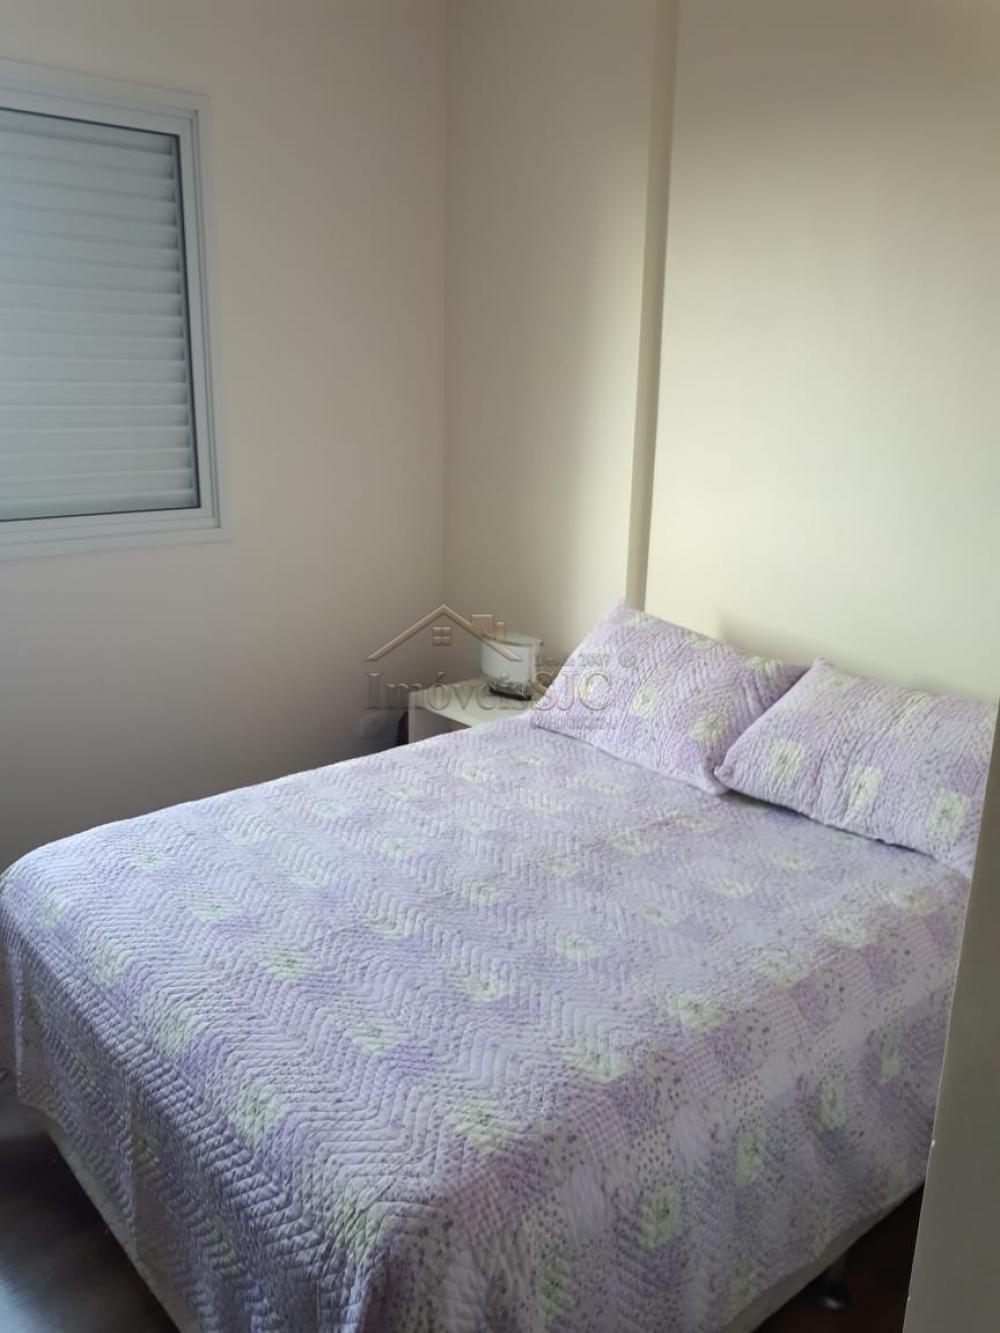 Comprar Apartamentos / Padrão em São José dos Campos apenas R$ 590.000,00 - Foto 13